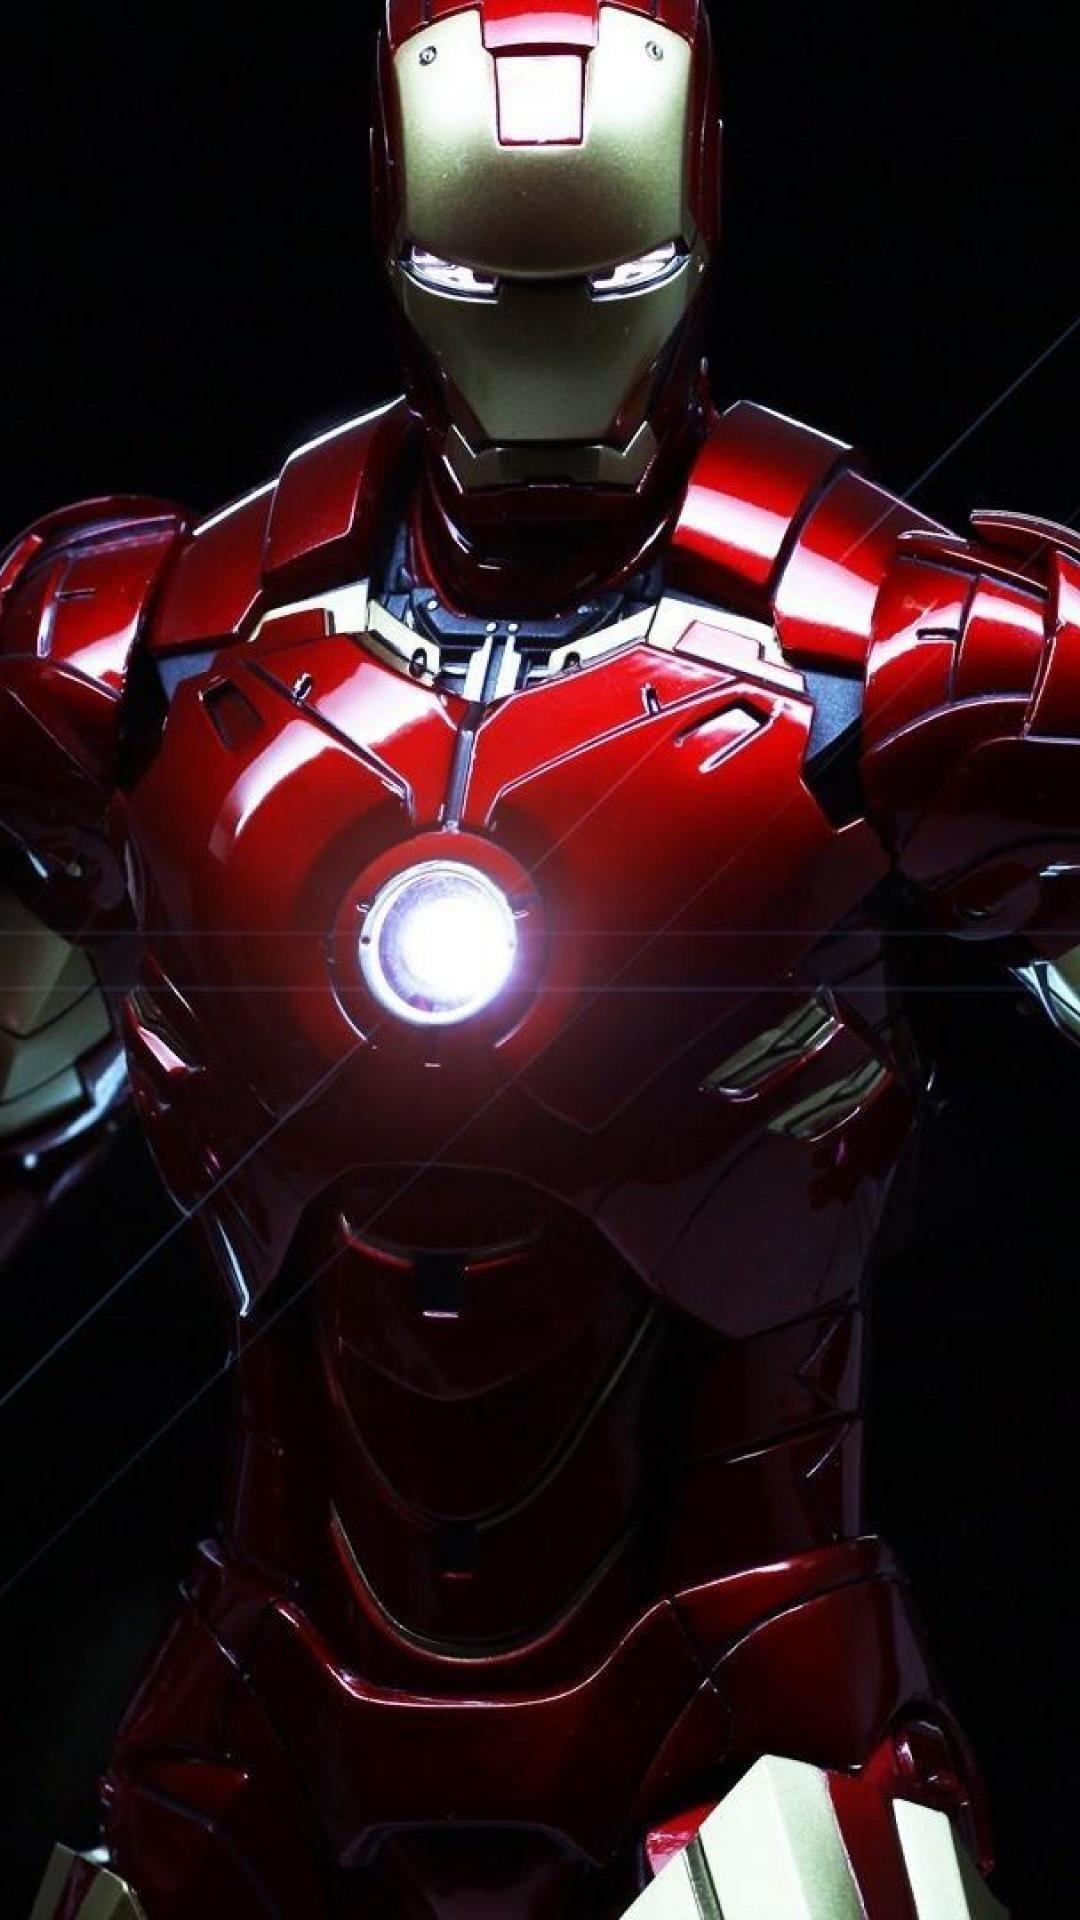 Iron Man Wallpaper ironman with balck background wallpaper ...